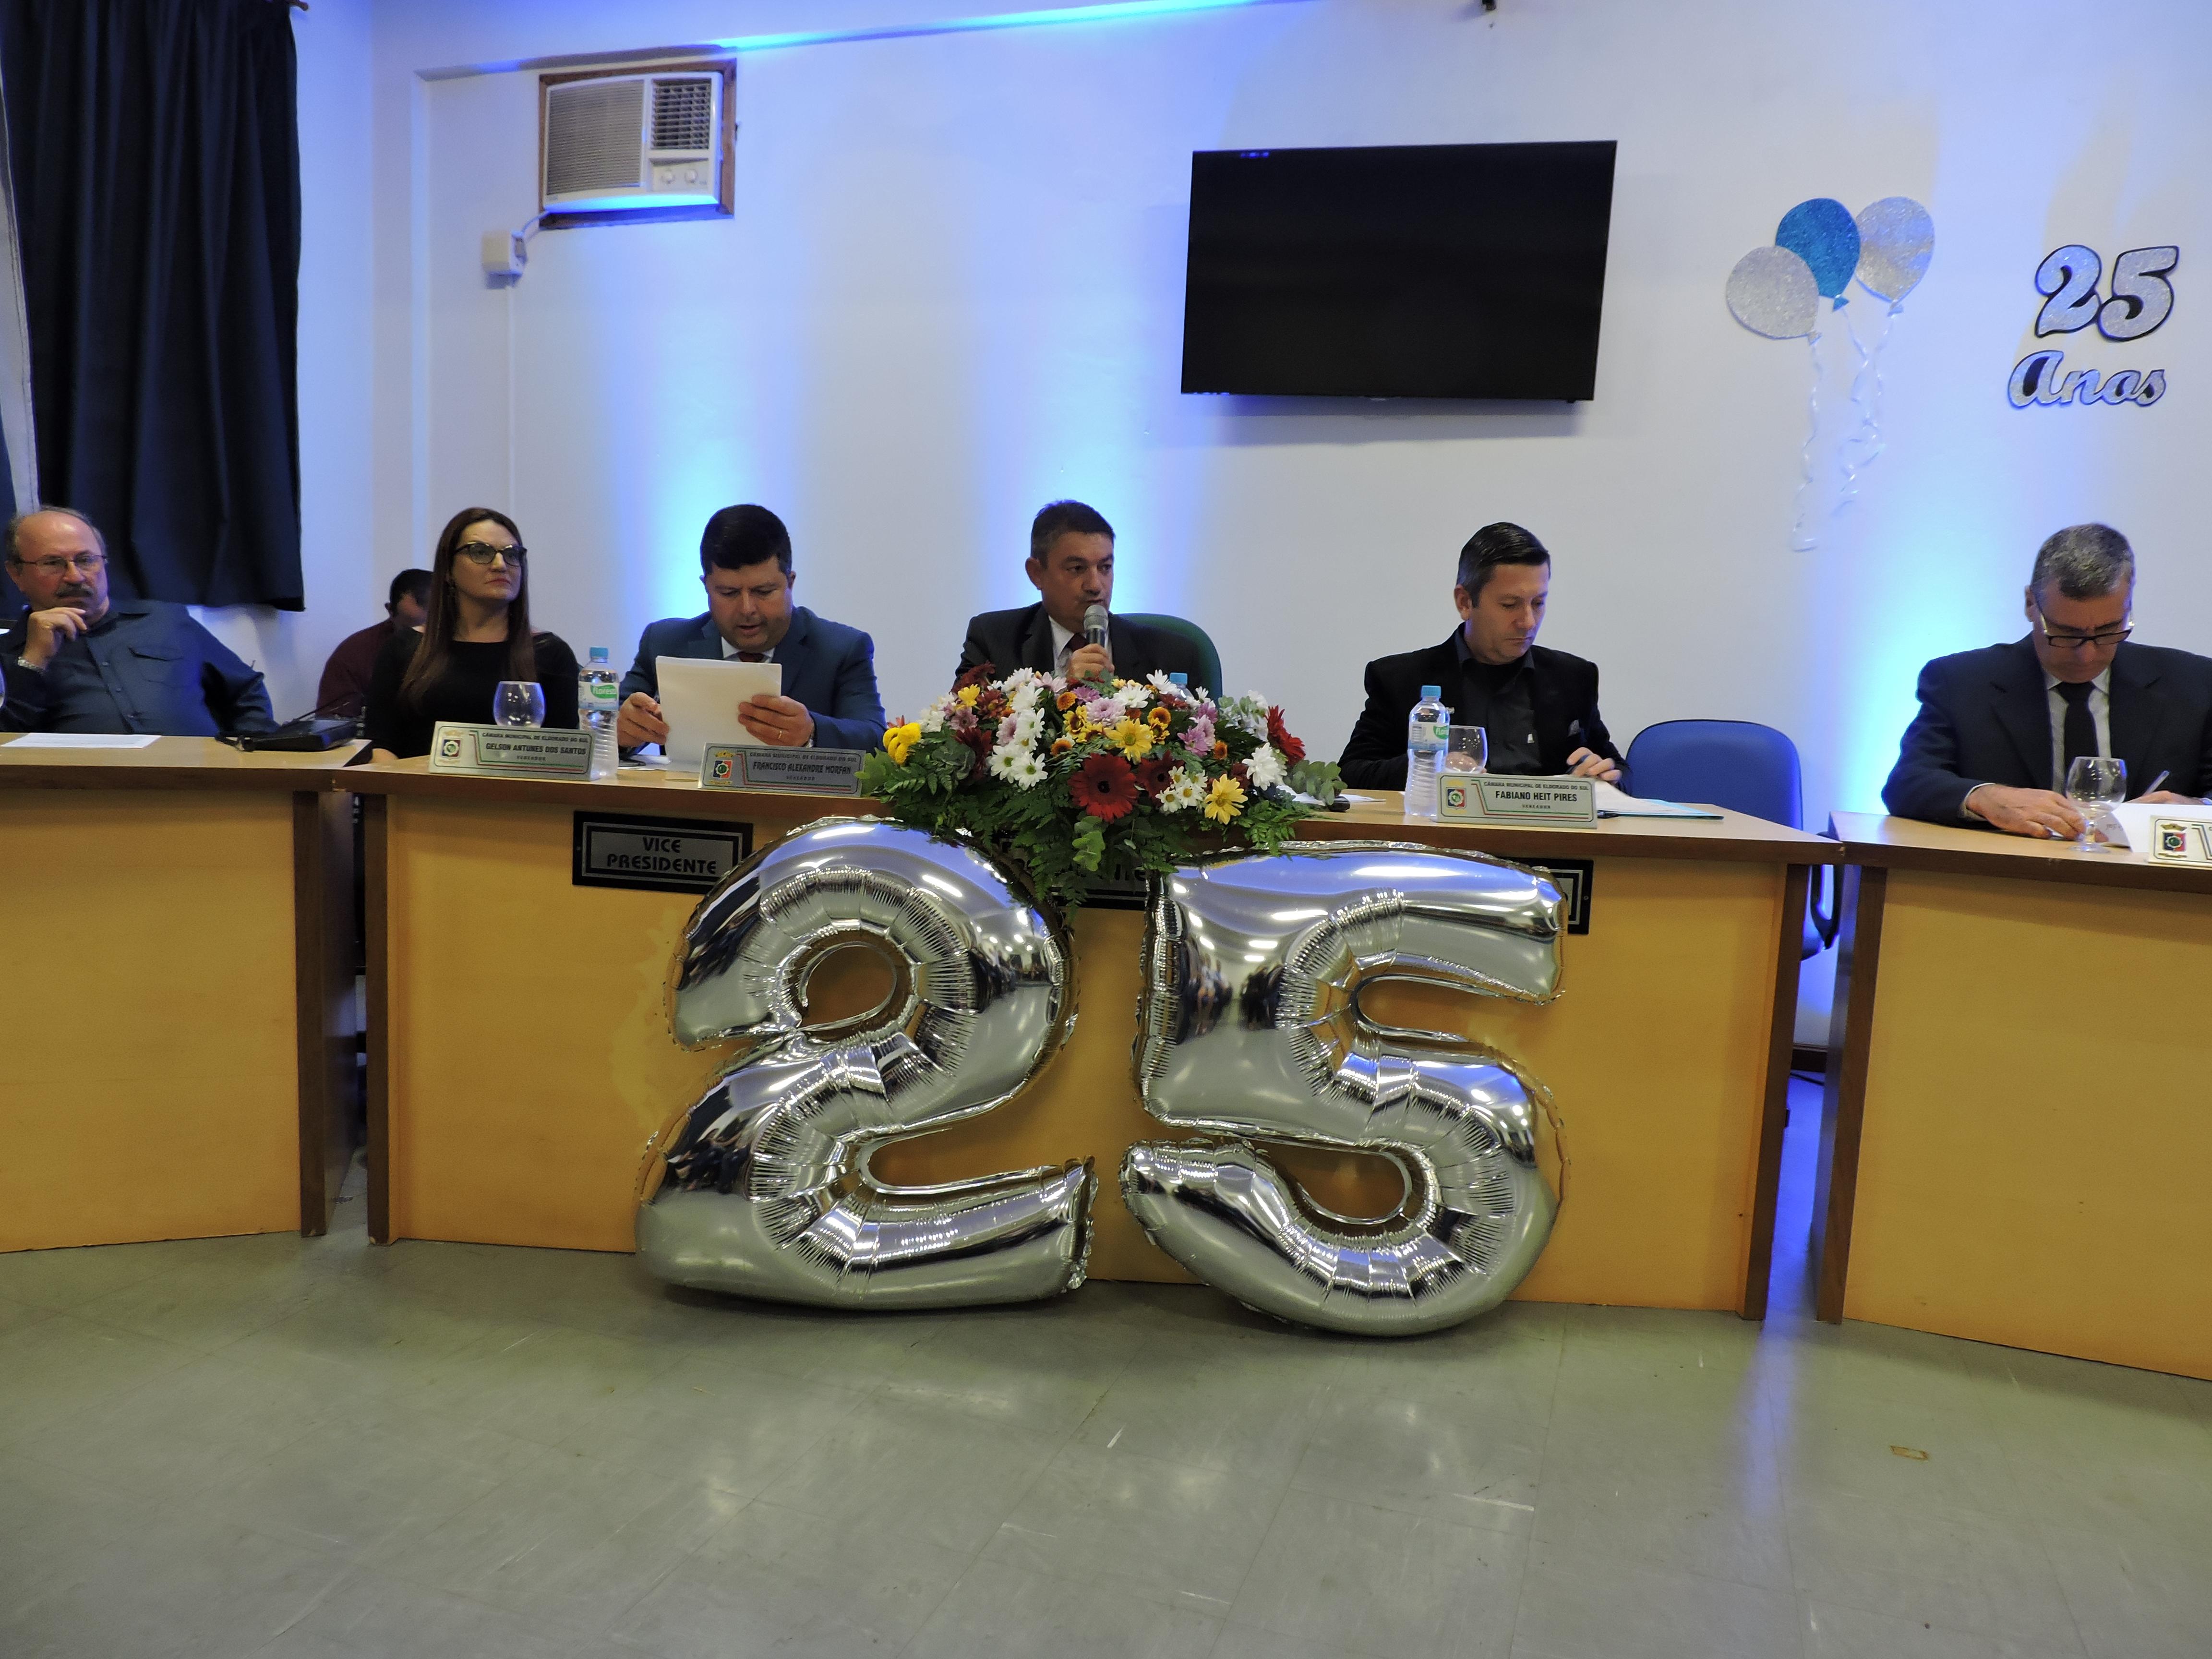 Sessão solene em comemoração ao aniversário de 25 anos da Escola de Ensino Médio Eldorado do Sul